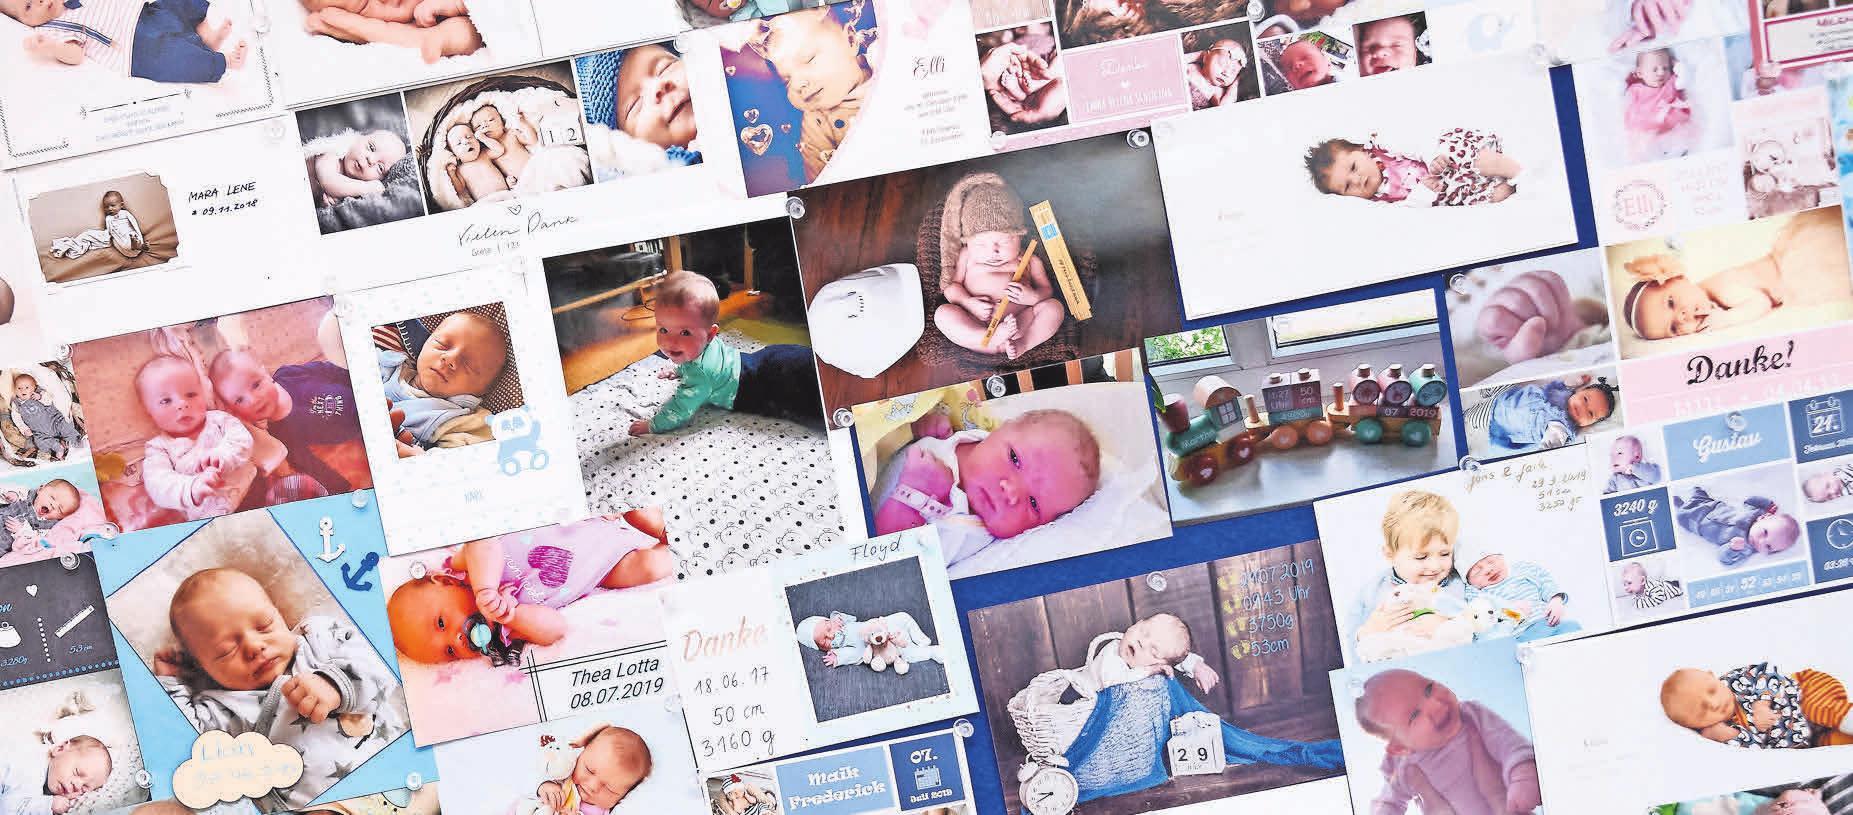 Kinderwunsch erfüllt! Im Eingang der Praxis hängen etliche Fotos von Babys, die mit Unterstützung der Experten den Weg in die Welt gefunden haben.